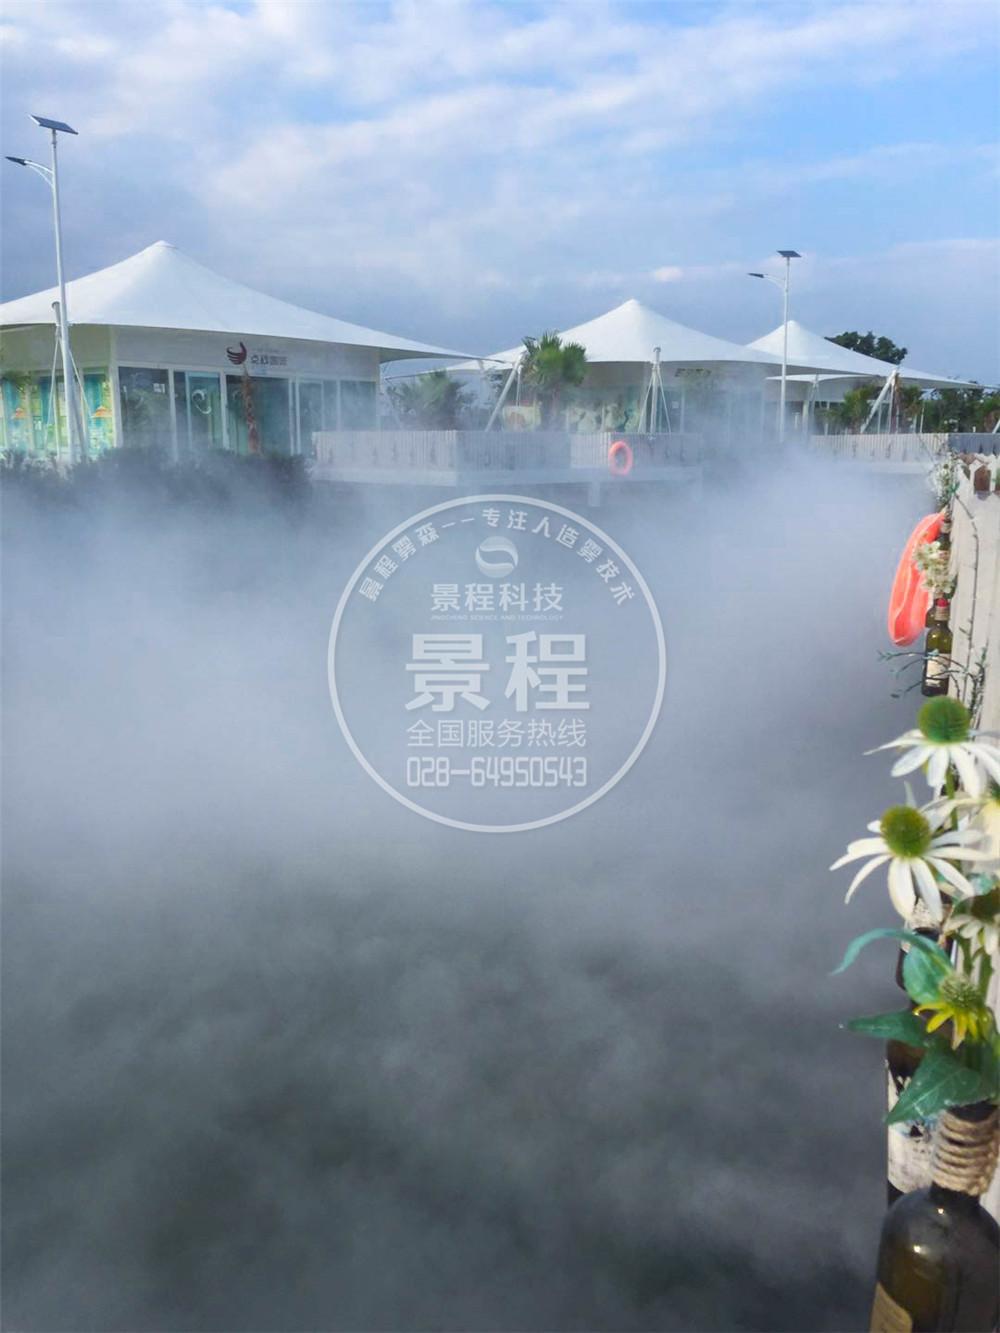 和海喷雾景观,人造雾系统